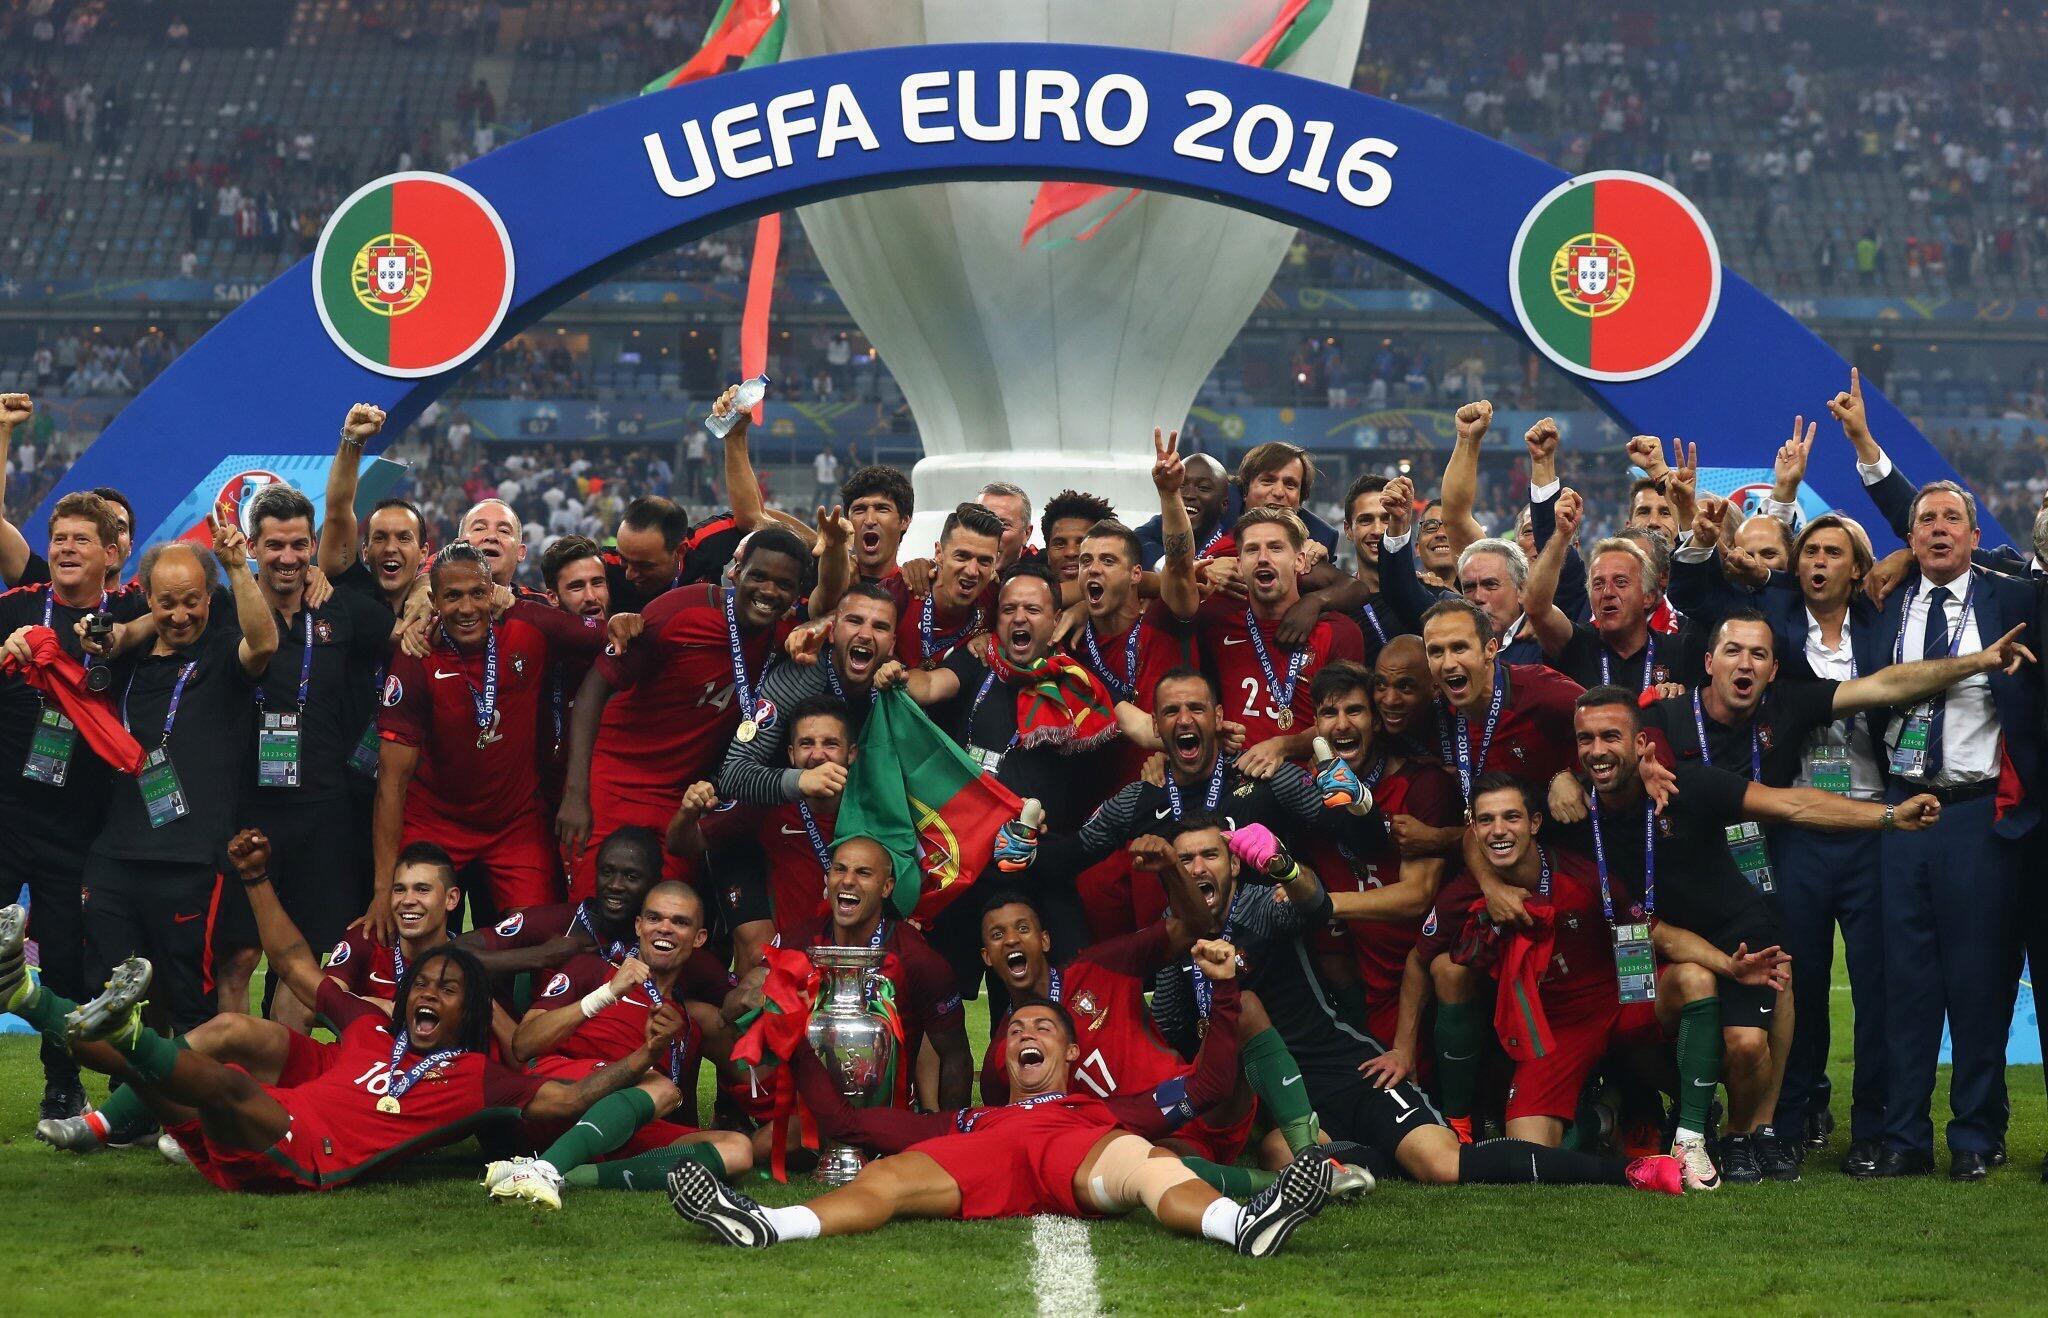 10 de Julho de 2016 : Portugal sagrava-se campeão da Europa